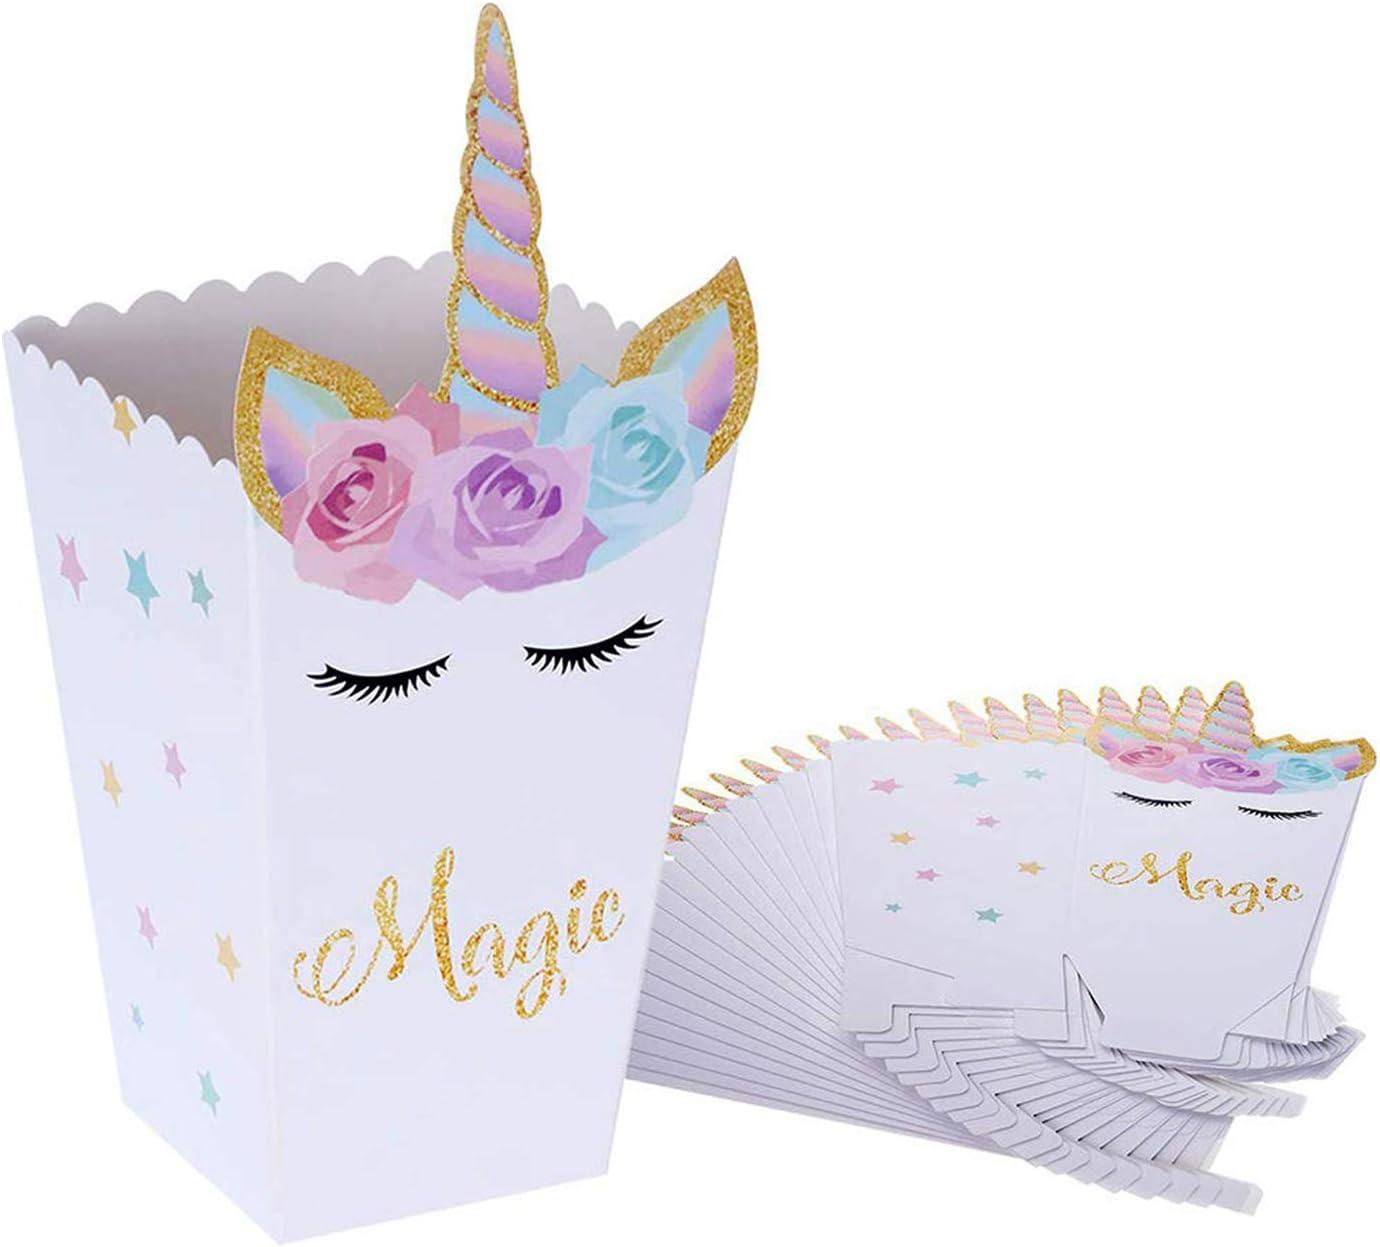 Cajas de Palomitas de Maíz,Unicornio Palomitas de Maíz Caja de Bocadillos, Envases de Caramelos de Cartón, Bolsas de Fiesta, Contenedores para el Regalo de Boda de Cumpleaños(24 Piezas): Amazon.es: Juguetes y juegos